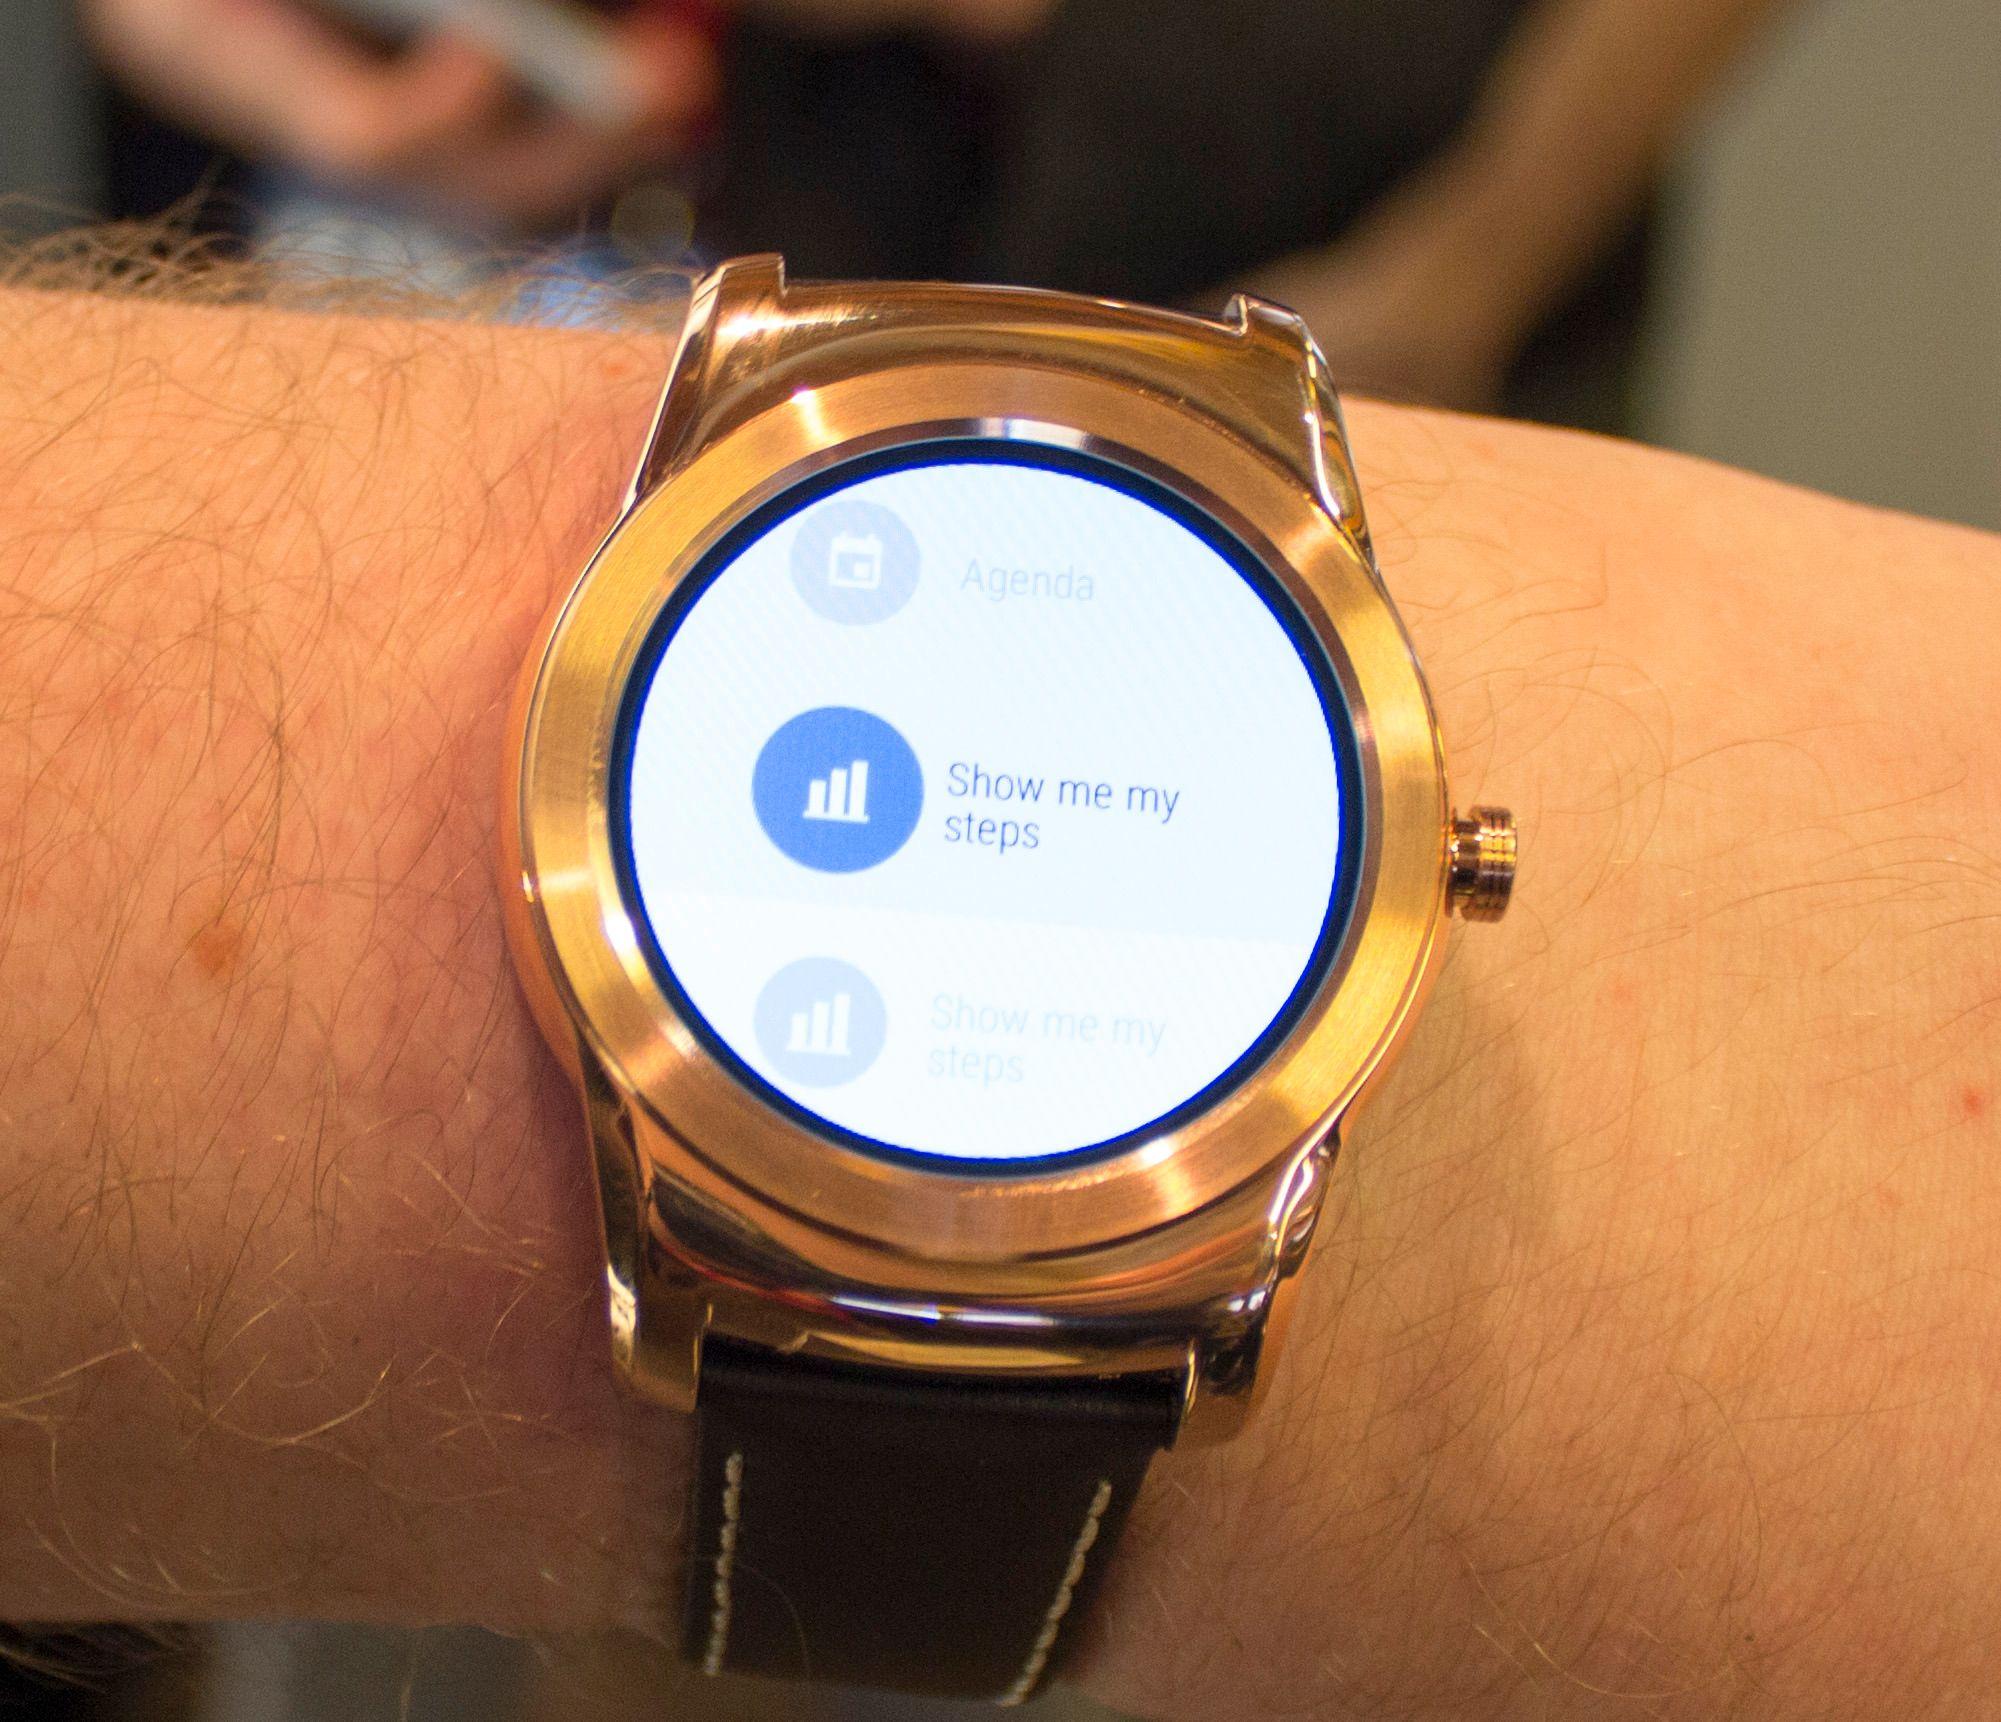 Watch Urbane kjører Android Wear, og vi opplever den som litt lite intuitiv i bruk. Foto: Finn Jarle Kvalheim, Tek.no